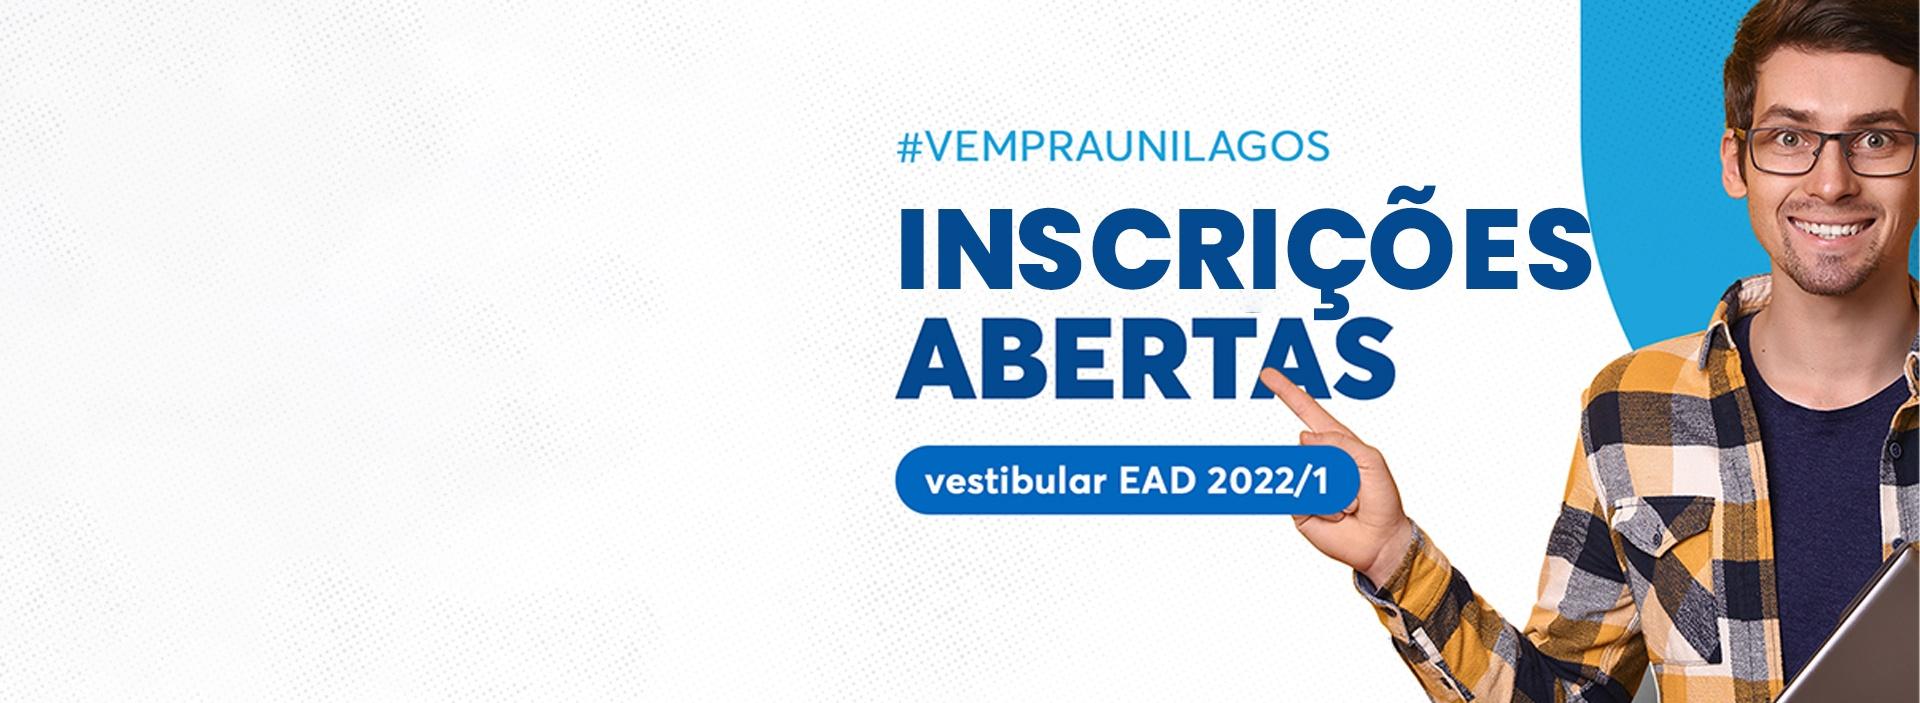 Vestibular EAD 2022-1